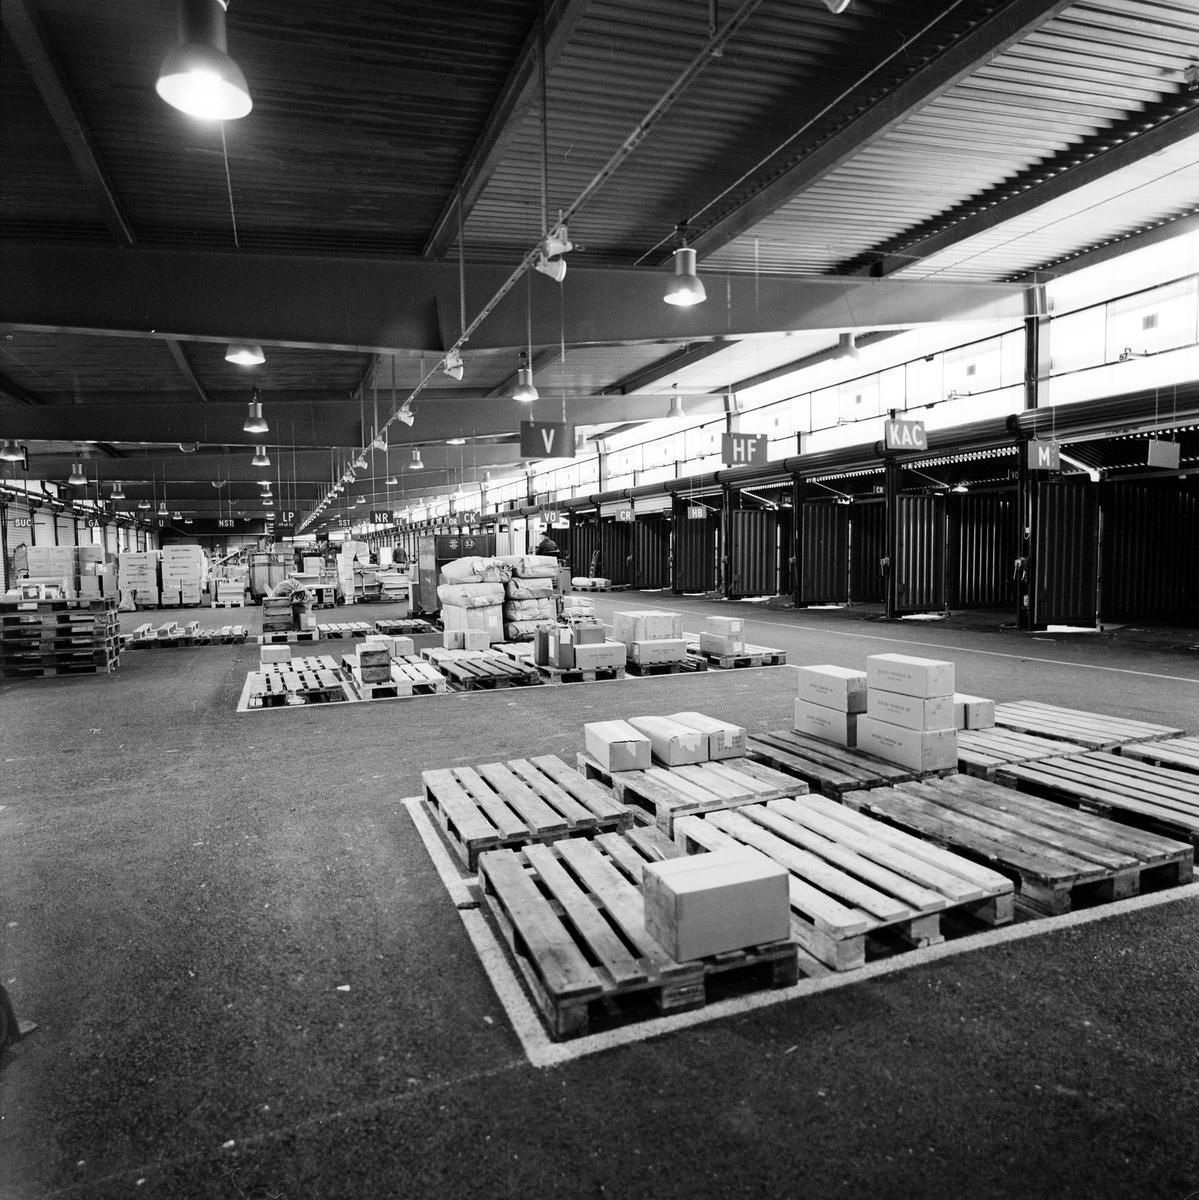 Invigning av Jönköpings godsterminal